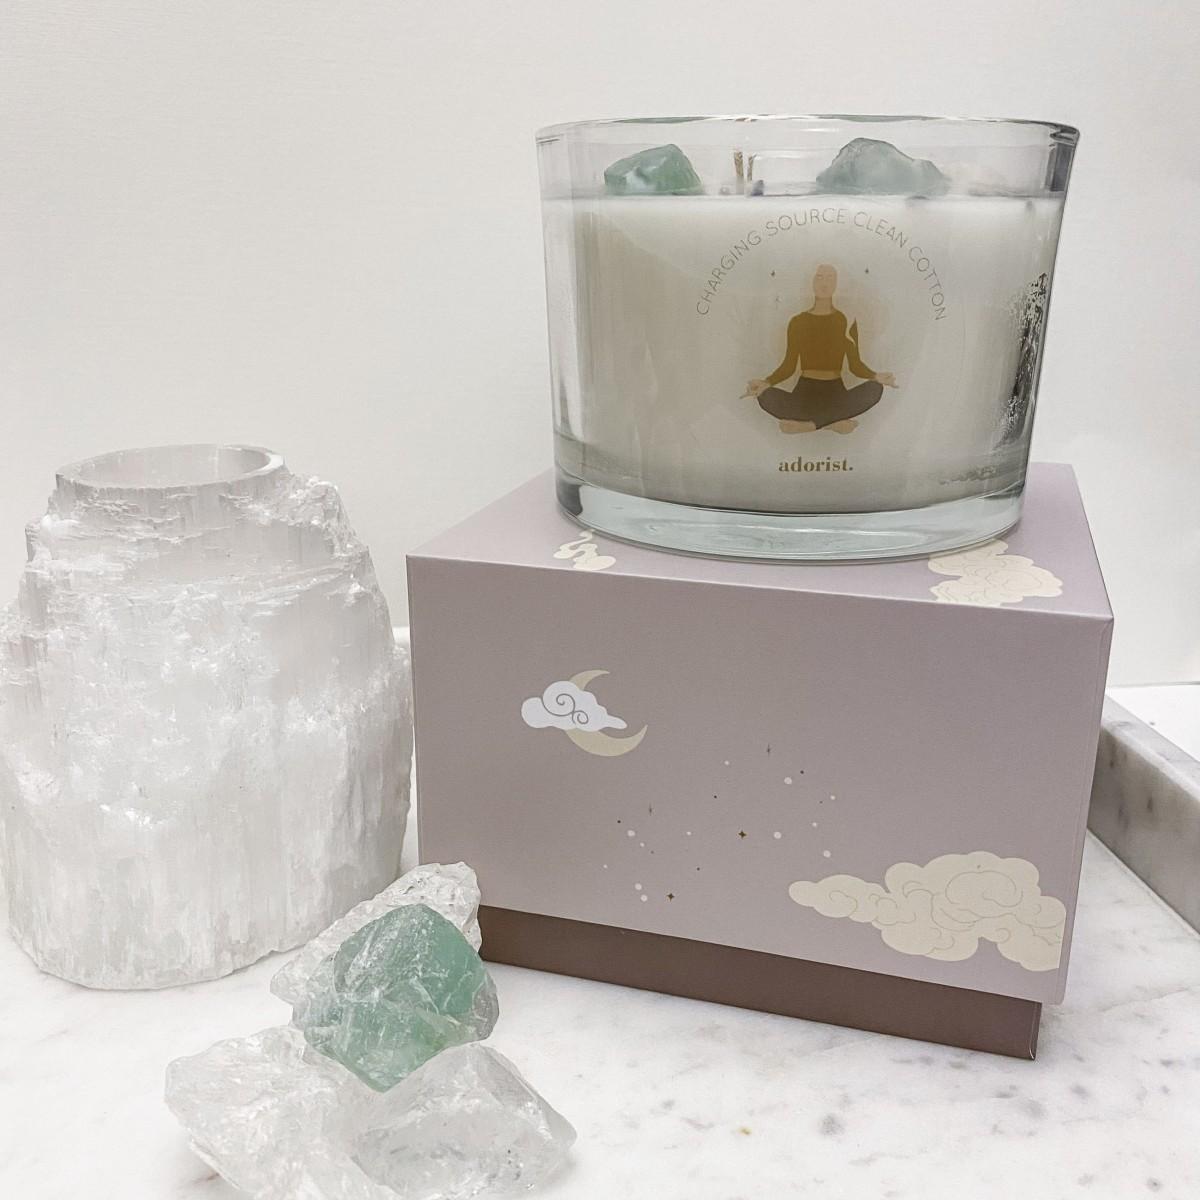 adorist - 3 Docht Duftkerze aus Sojawachs mit Kristallen Charging-Source-Clean-Cotton zum Durchatmen & neue Käfte tanken